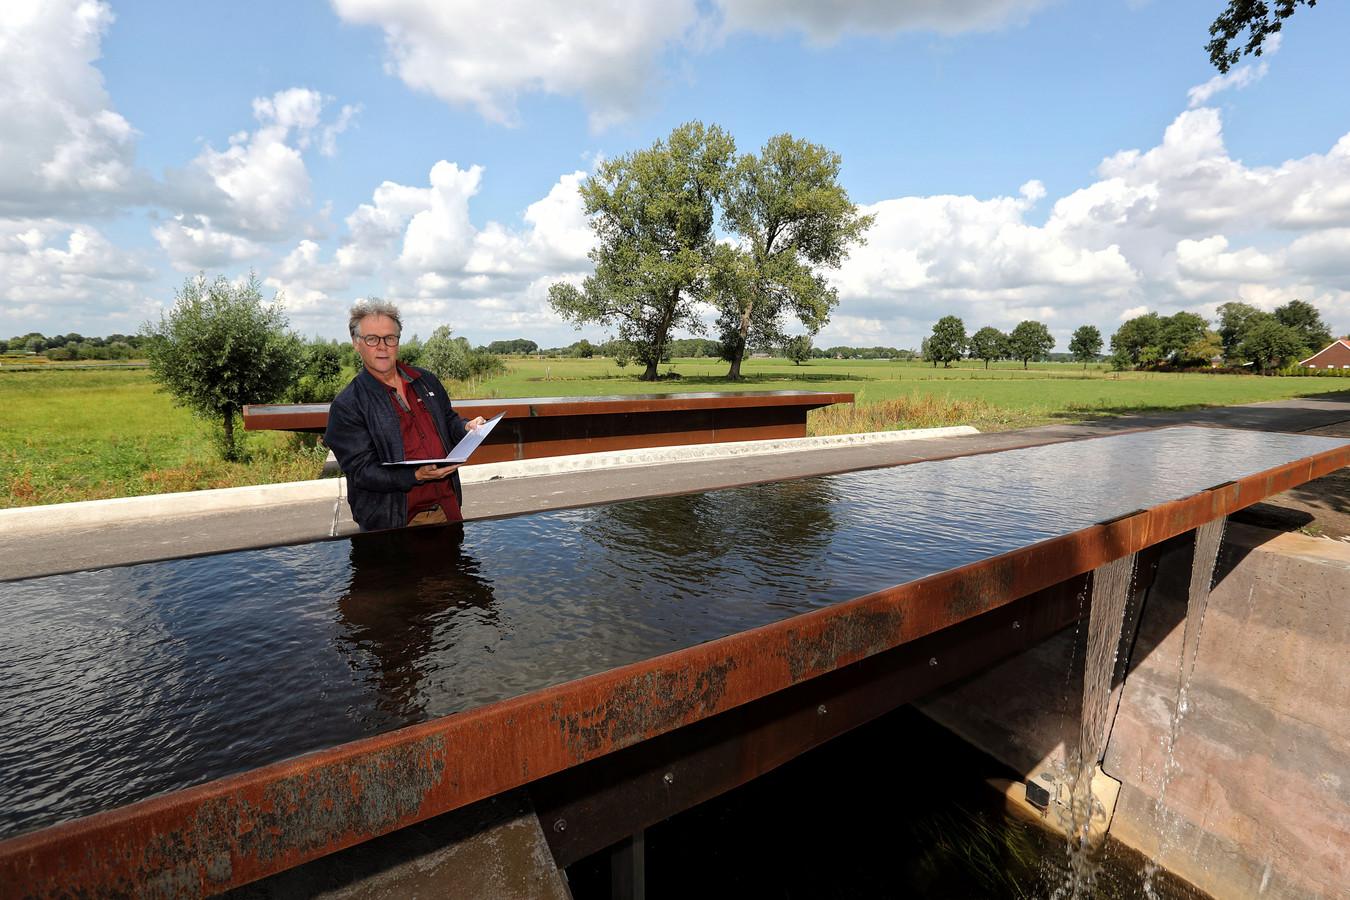 Stadsdichter Eric van Deelen leest een gedicht uit de Gedichtenroute voor, op de brug over de Oude Turfvaartsestraat bij Nispen.